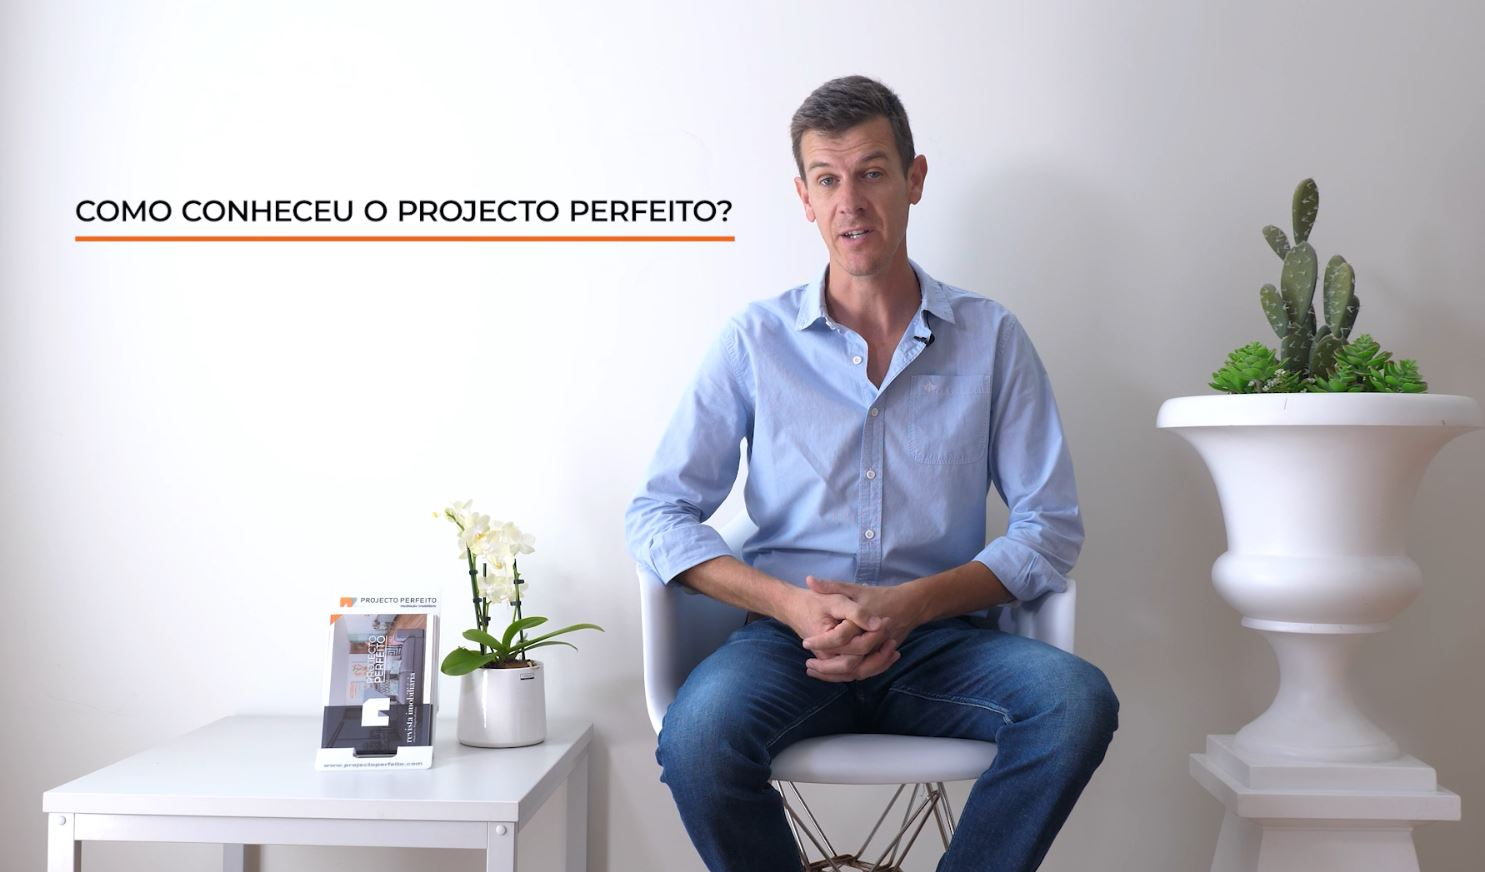 Como conheceu o #ProjectoPerfeito? - António Lessa